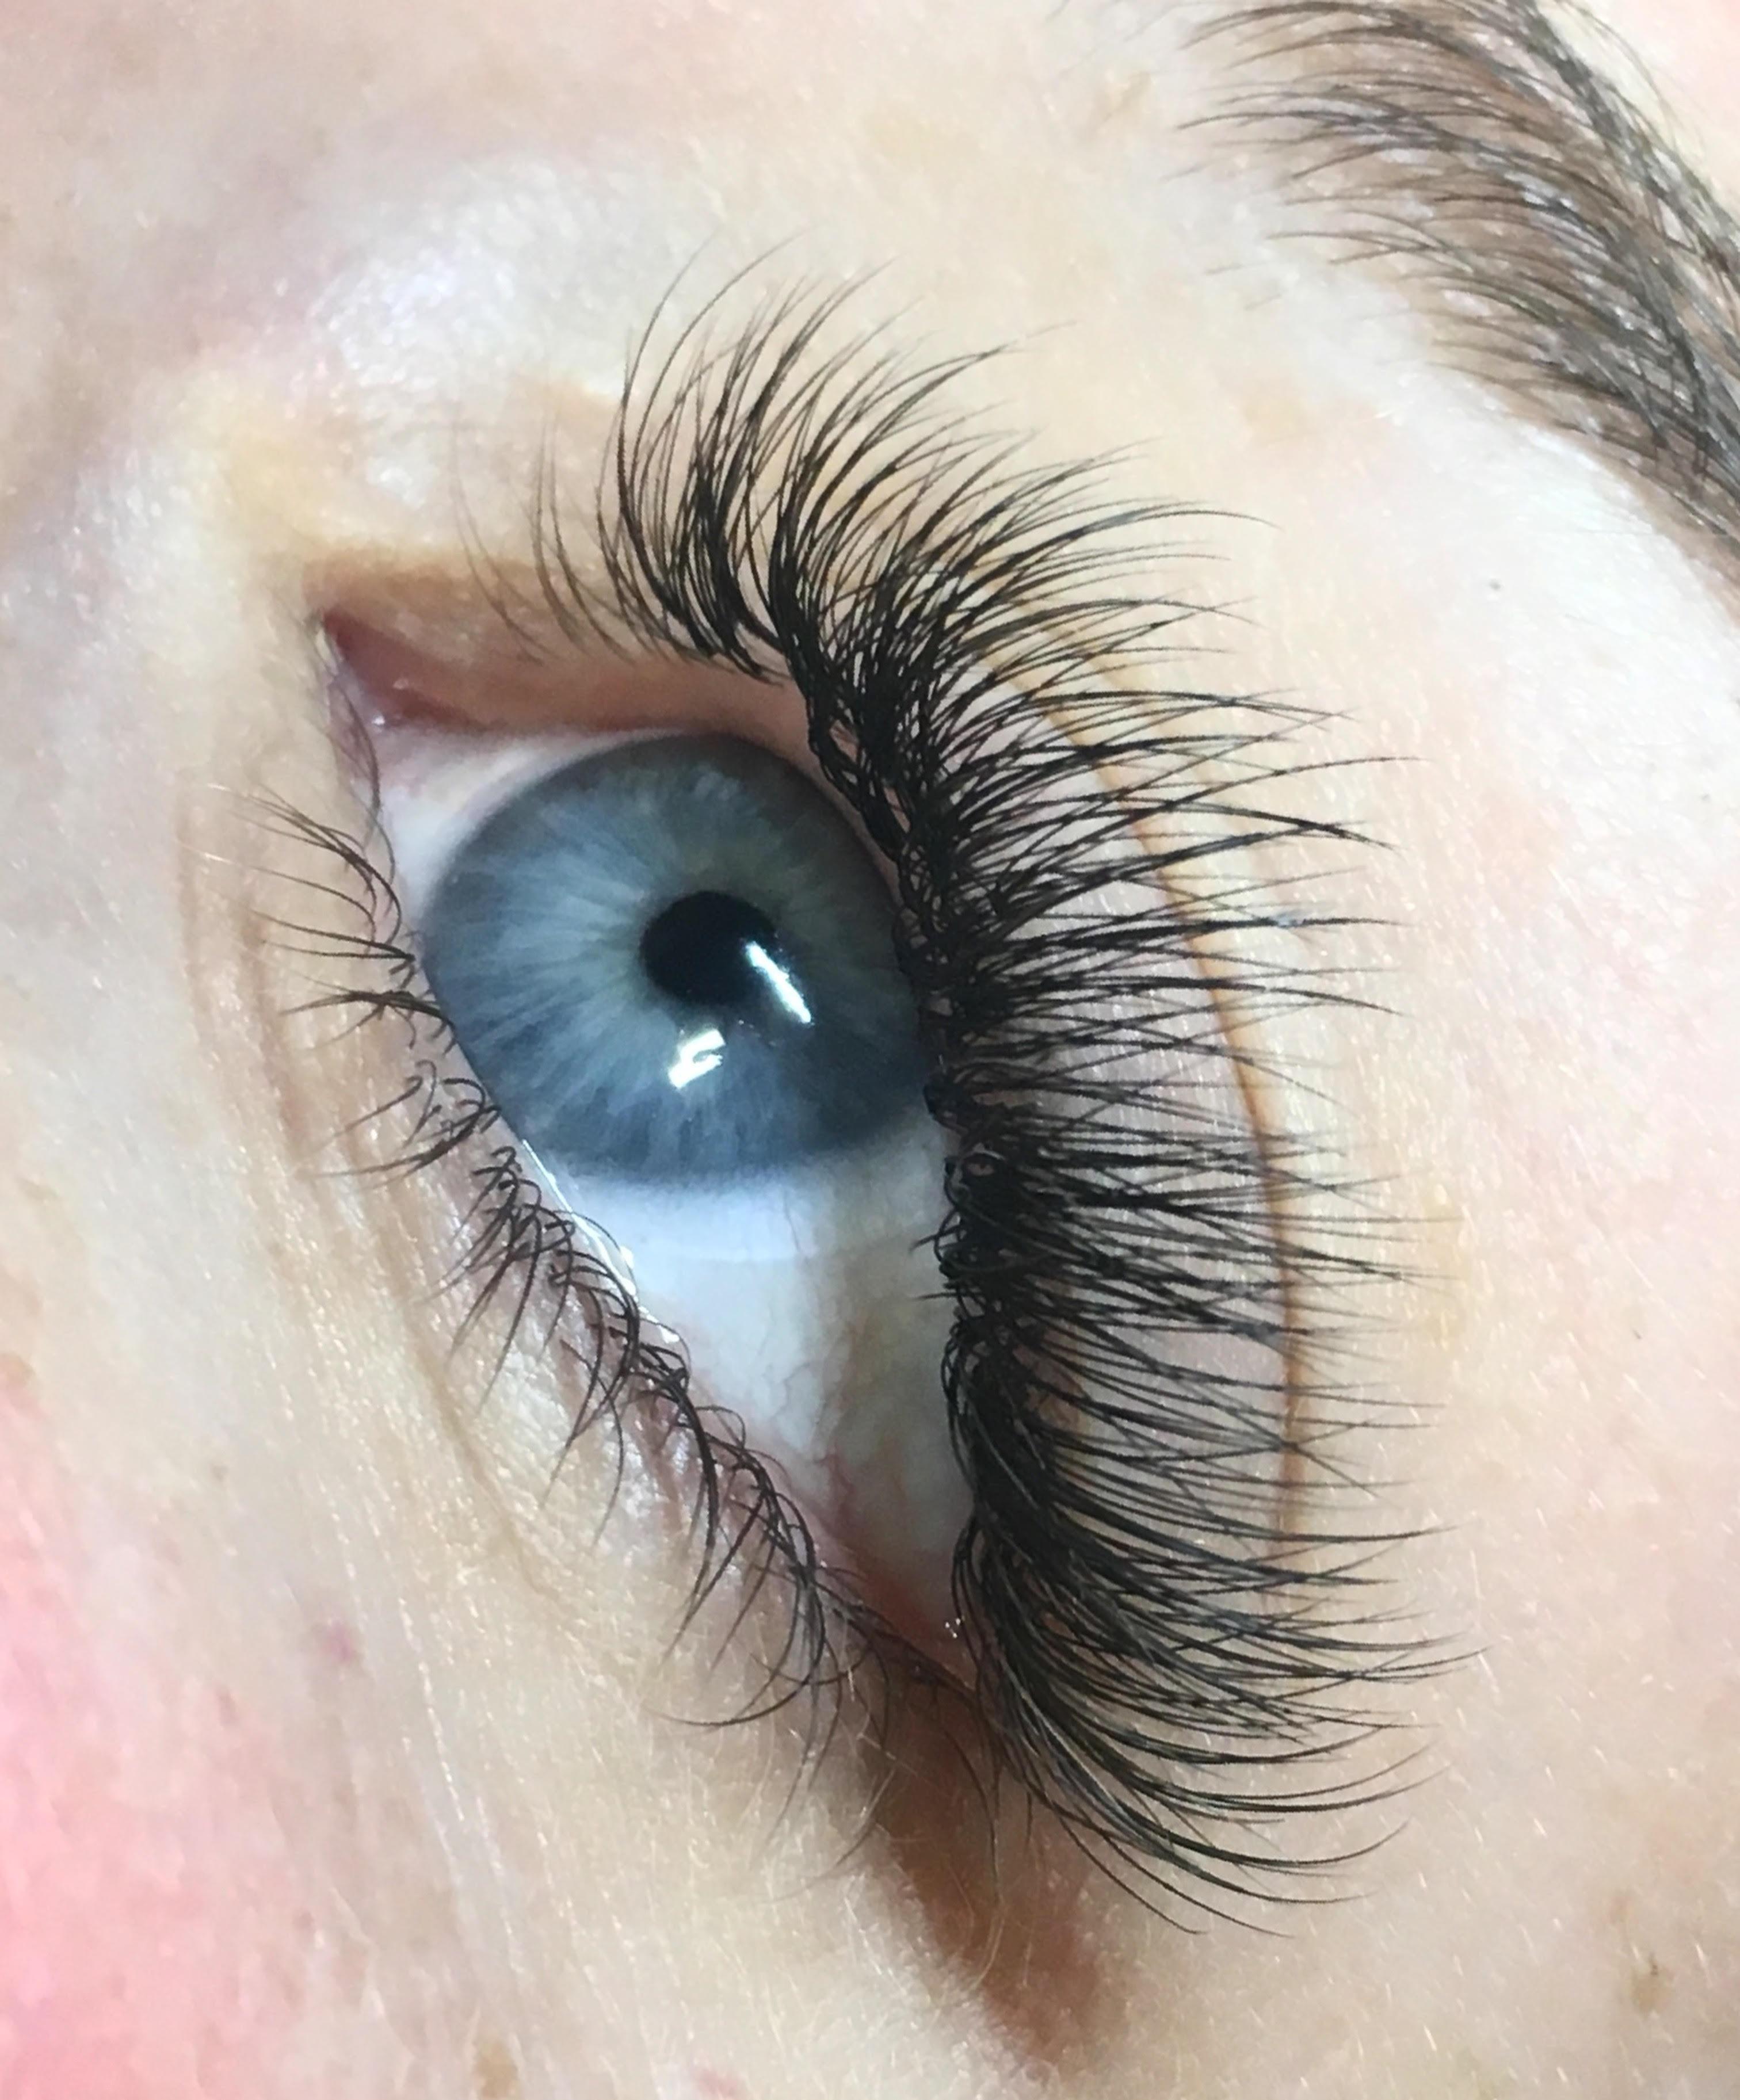 eyelash license classes near me